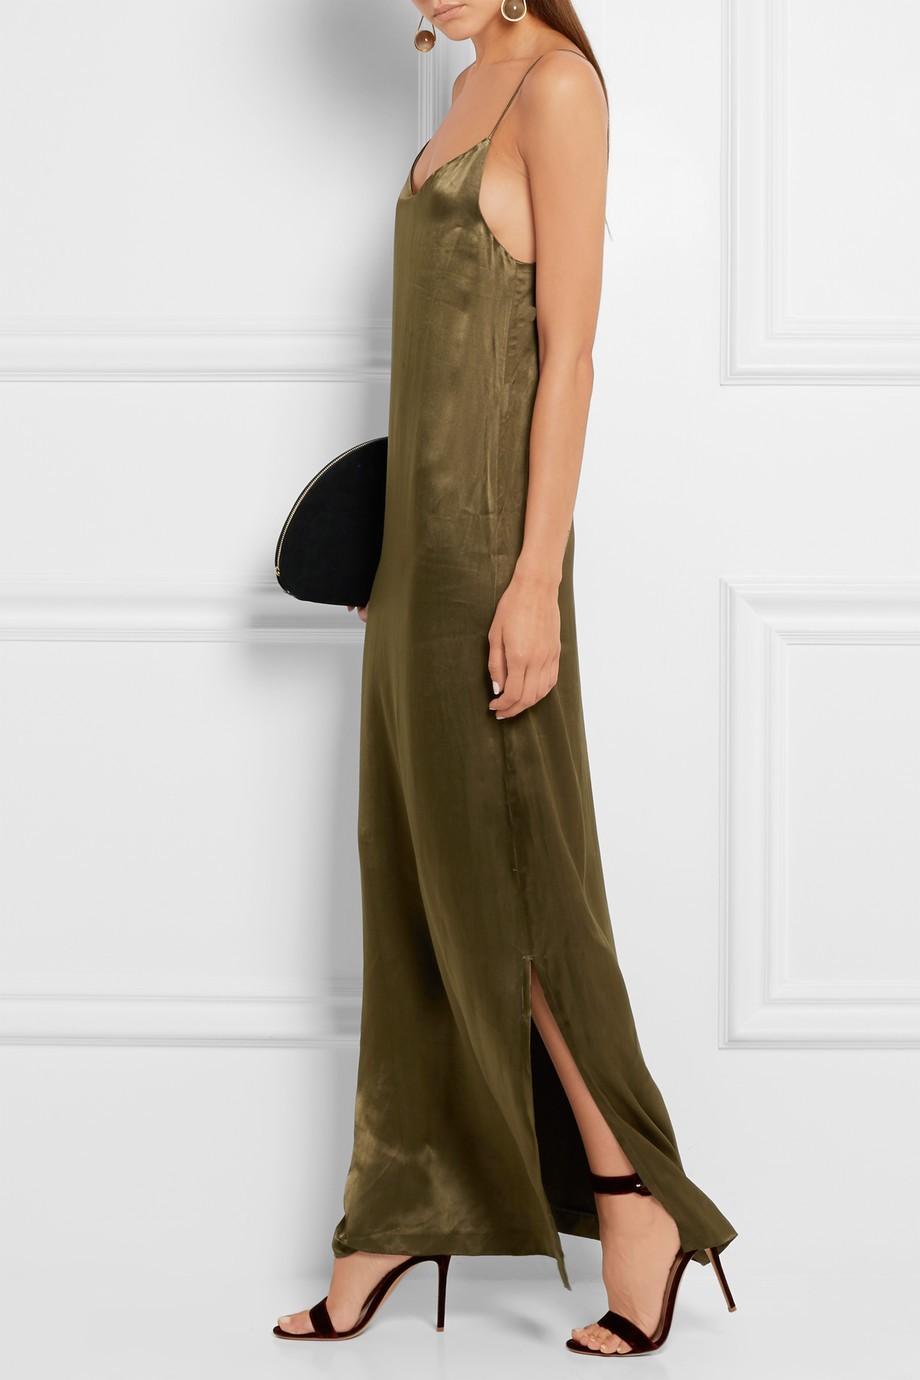 8-rochie-din-satin-ganni-netaporter-20-de-idei-de-rochii-pentru-craciun-fabulous-muses